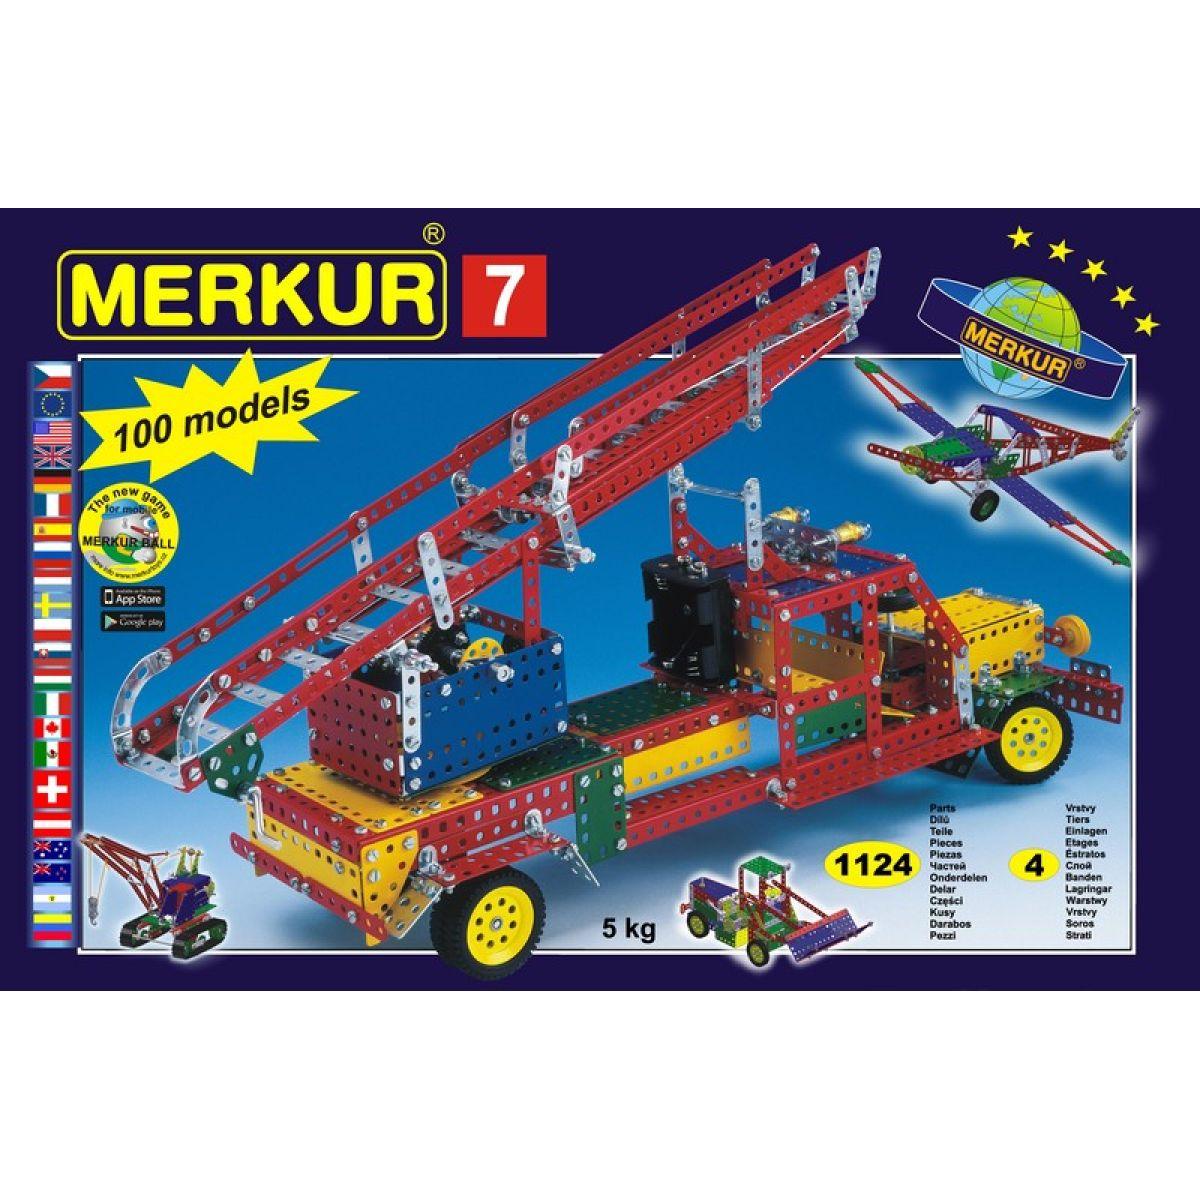 Merkur 7 stavebnice